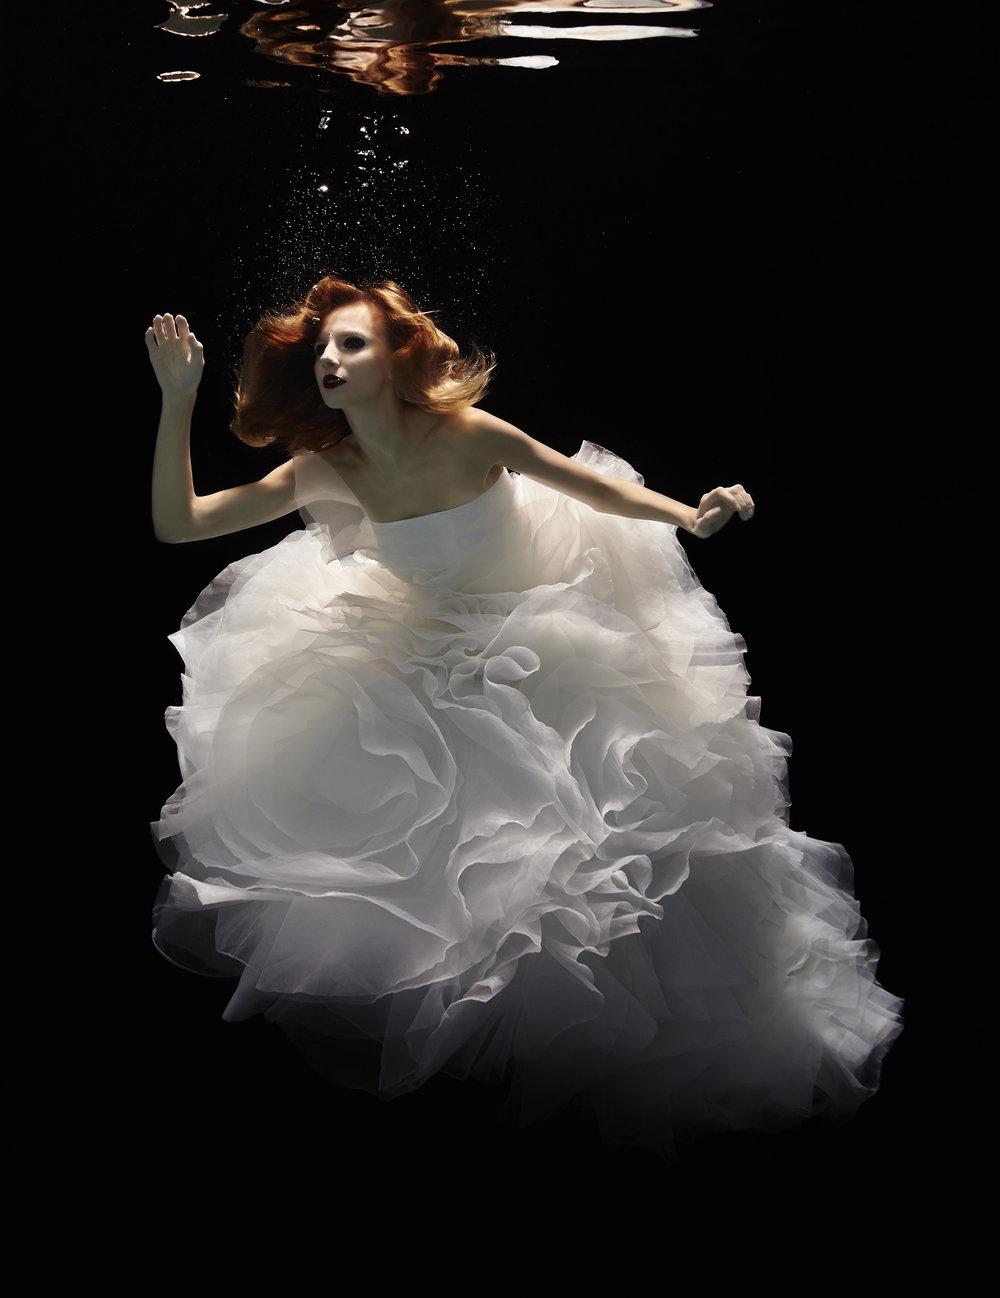 Underwater-646.jpg